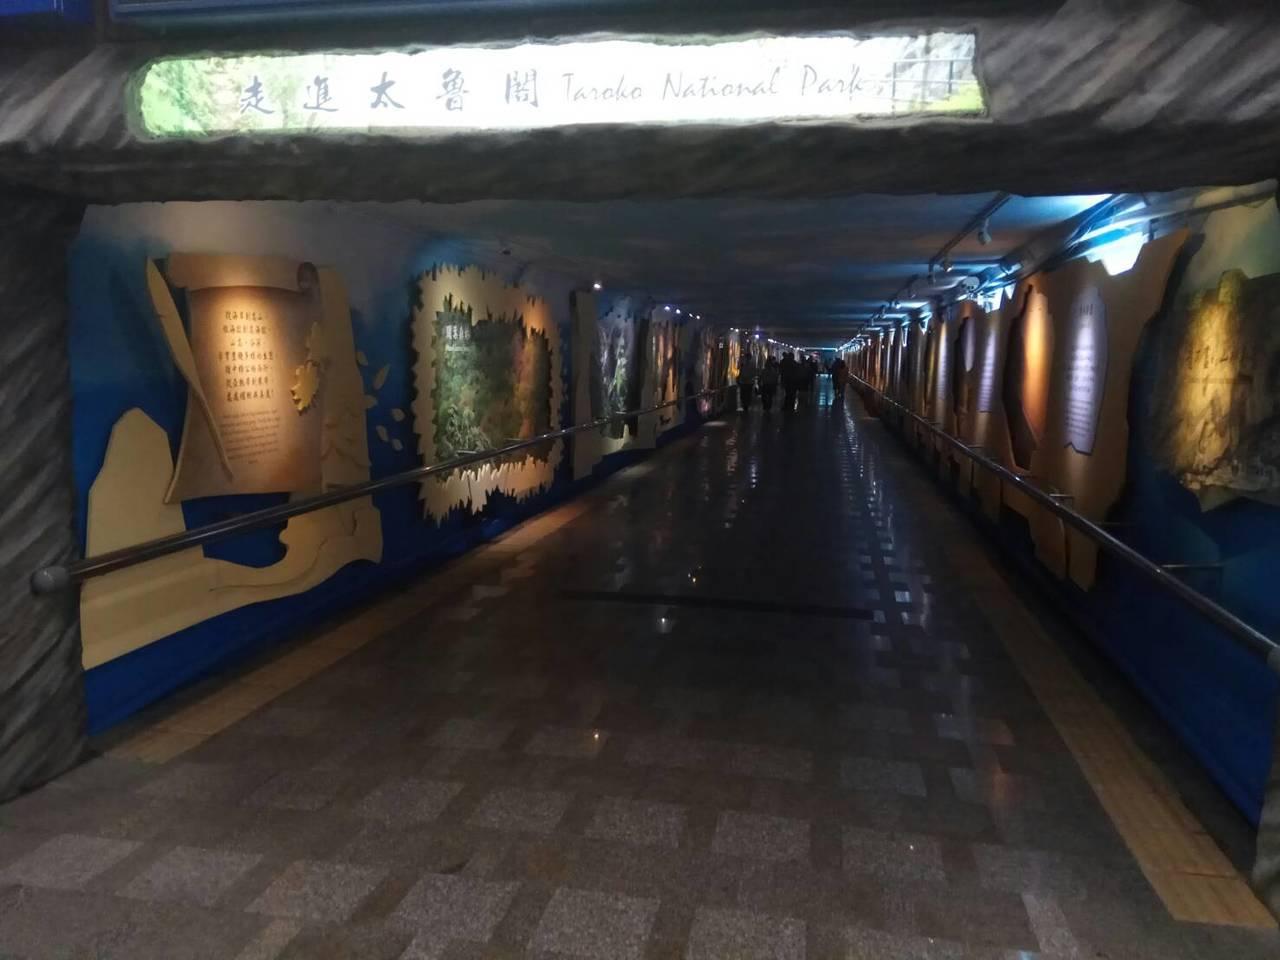 花蓮車站第3月台至後站大廳間的地下道,展示太魯閣國家公園的人文景緻風貌。聯合報記...